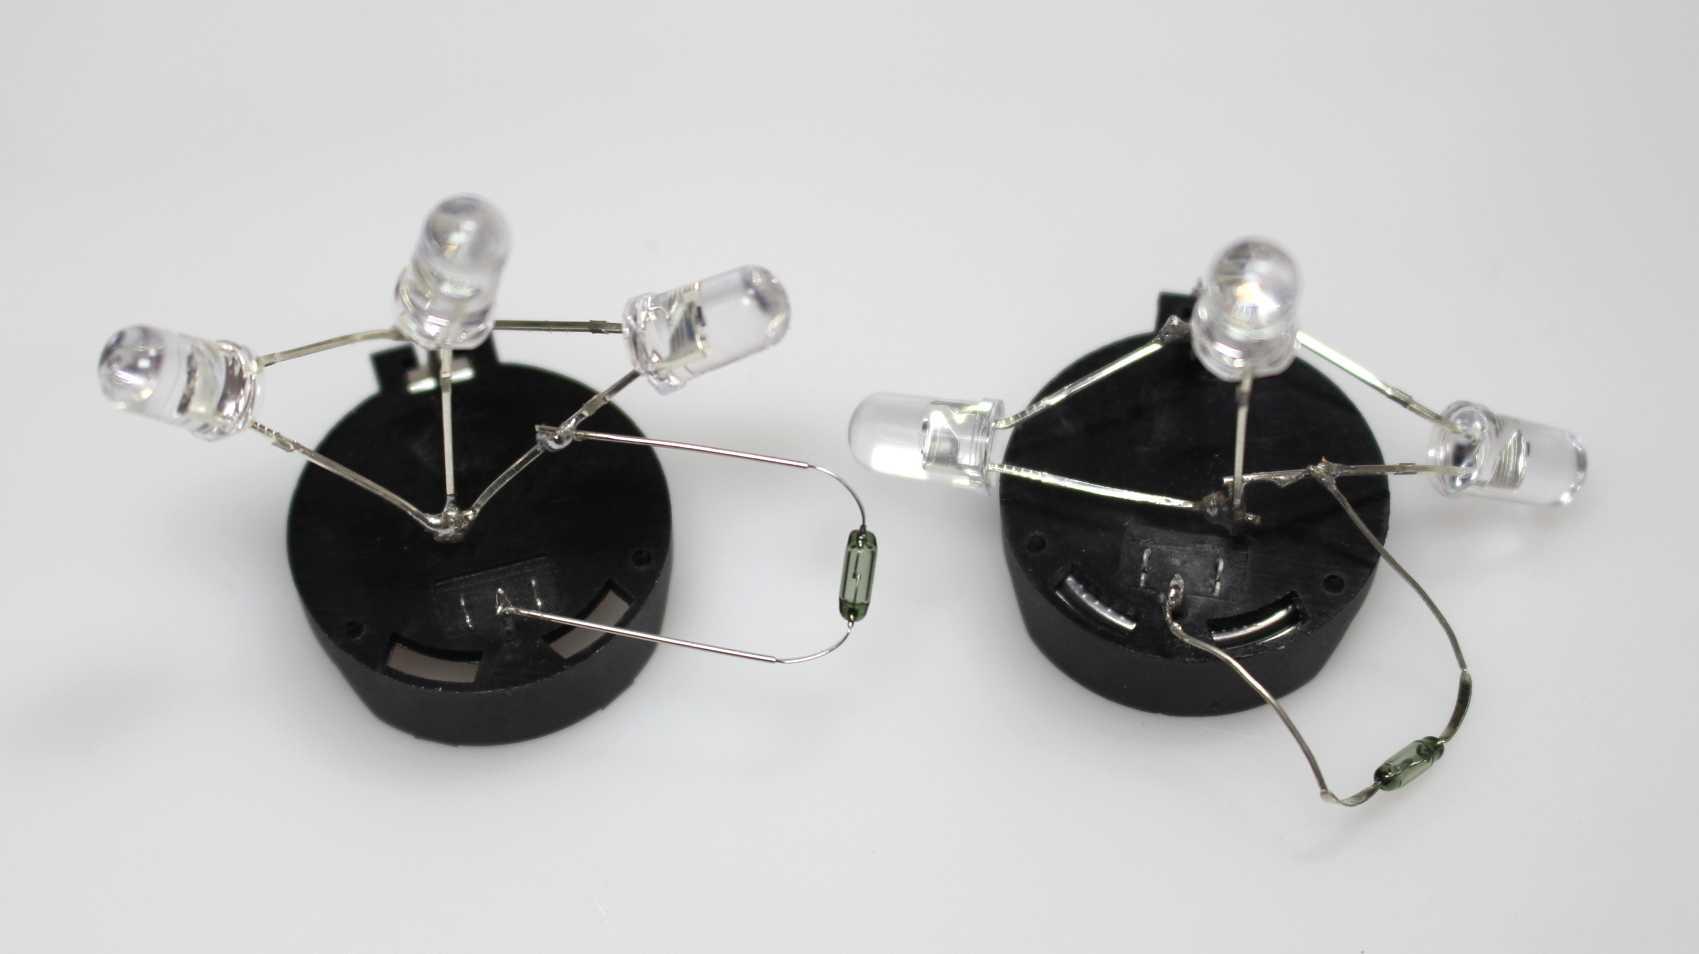 Zwei Reedschalter, auf denen jeweils 3 LEDs und ein Widerstand verlötet sind.